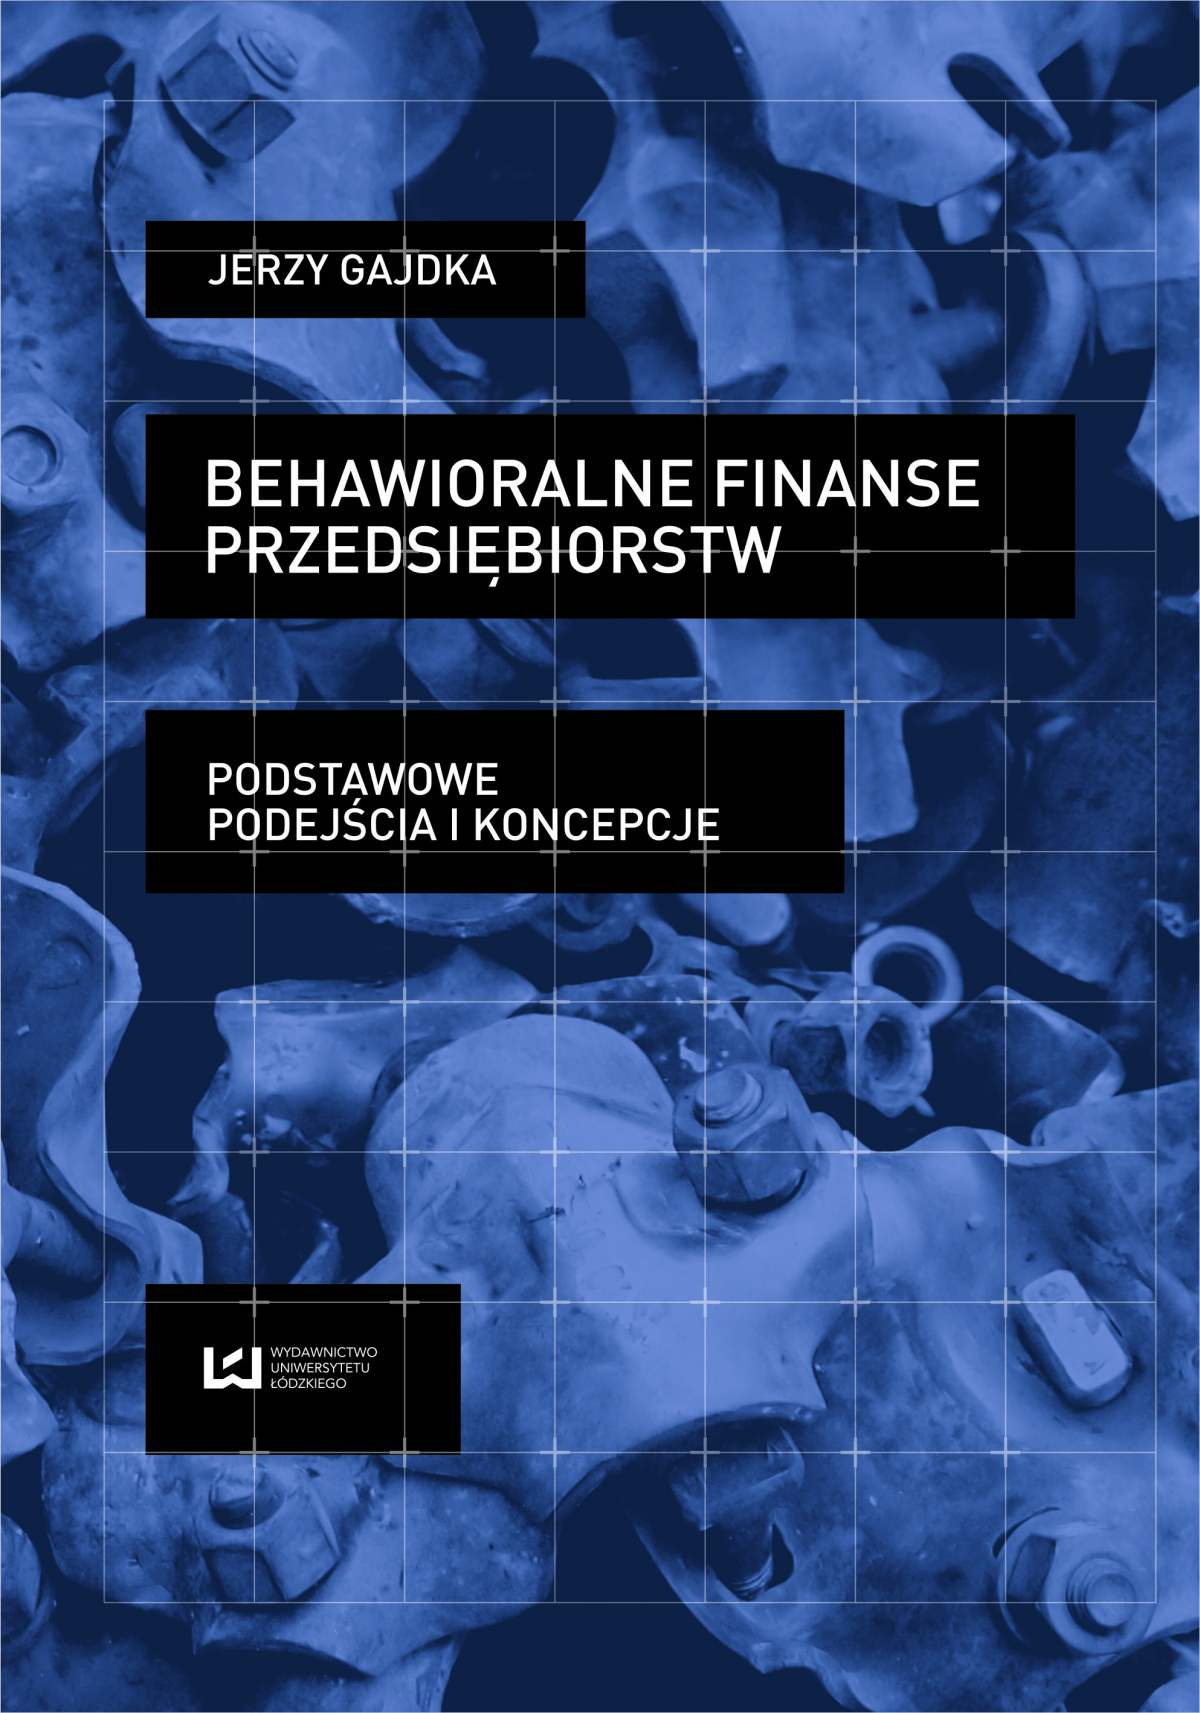 Behawioralne finanse przedsiębiorstw. Podstawowe podejścia i koncepcje - Ebook (Książka PDF) do pobrania w formacie PDF